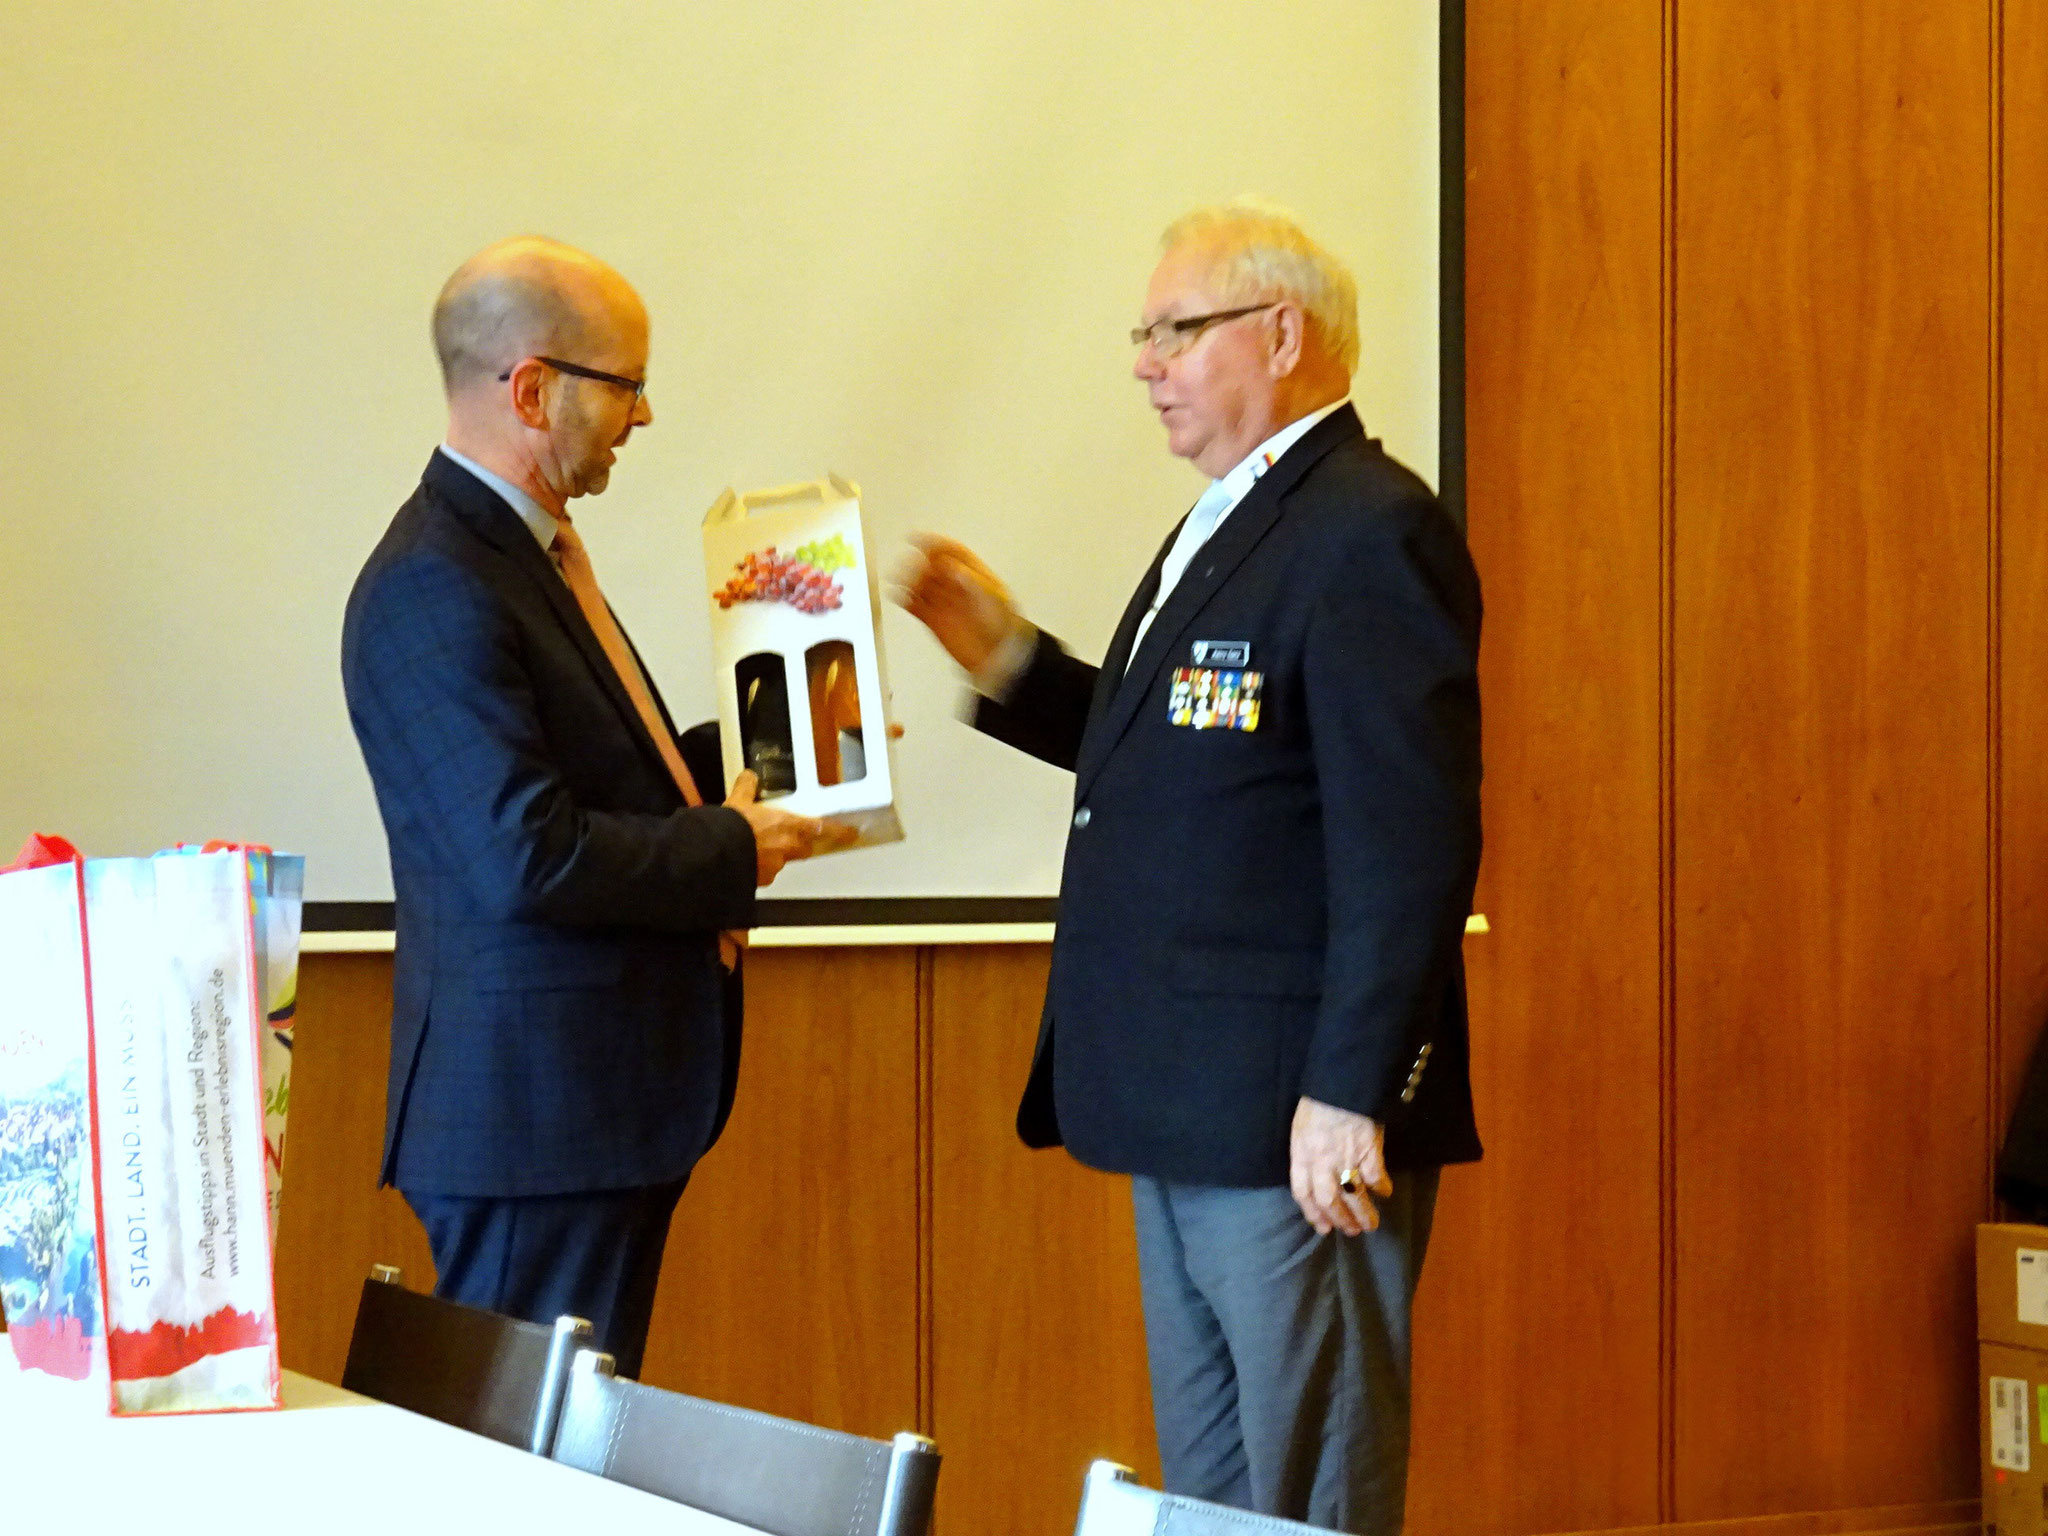 Präsident Heinz Ganz überreicht ein Geschenk an den Bürgermeister Harald Wegener.